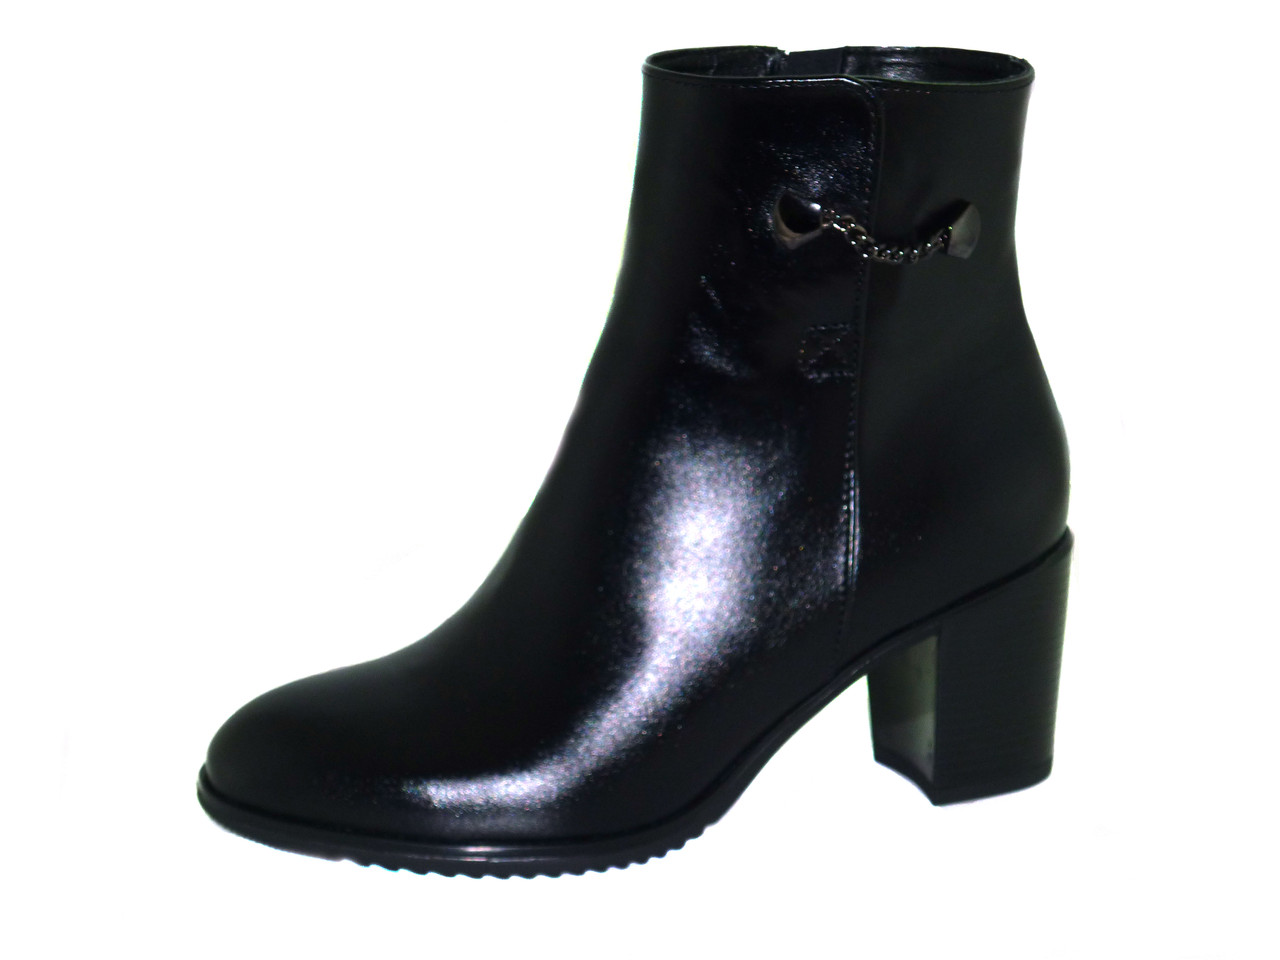 Ботинки женские черные натуральные кожа Passo Avanti (9314 - 1)